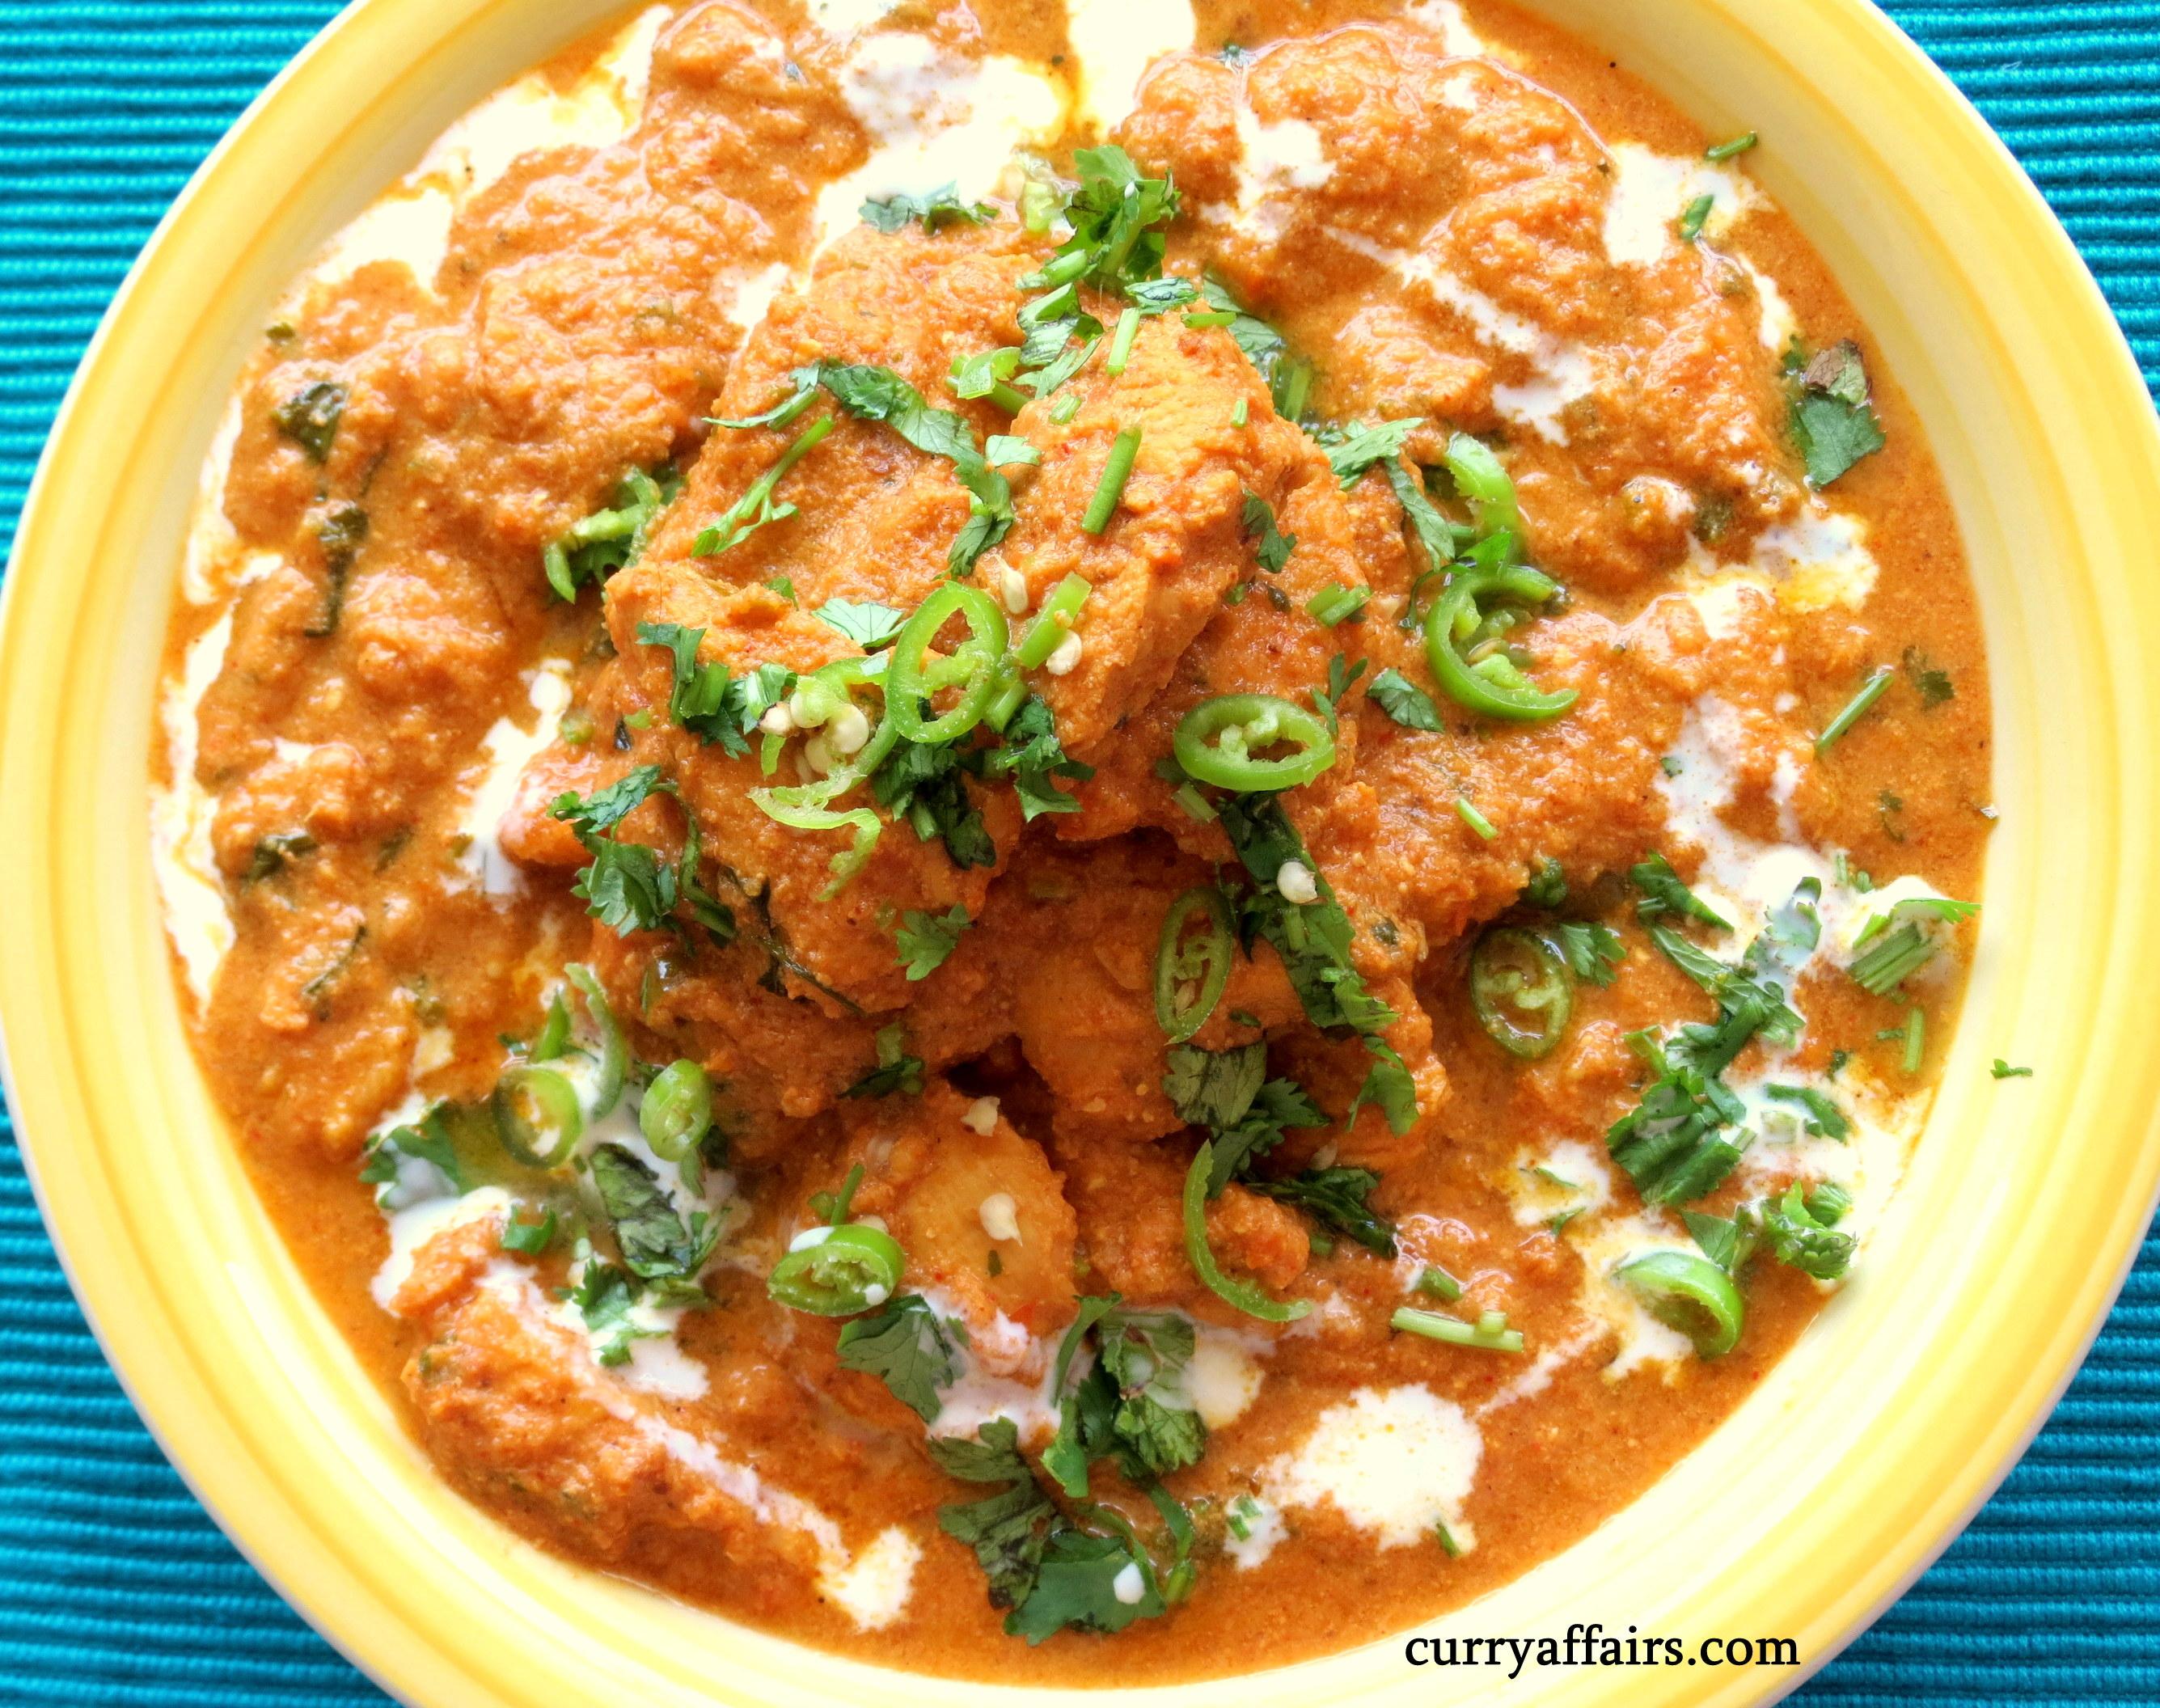 Amritsari Murgh Makhani - Butter Chicken